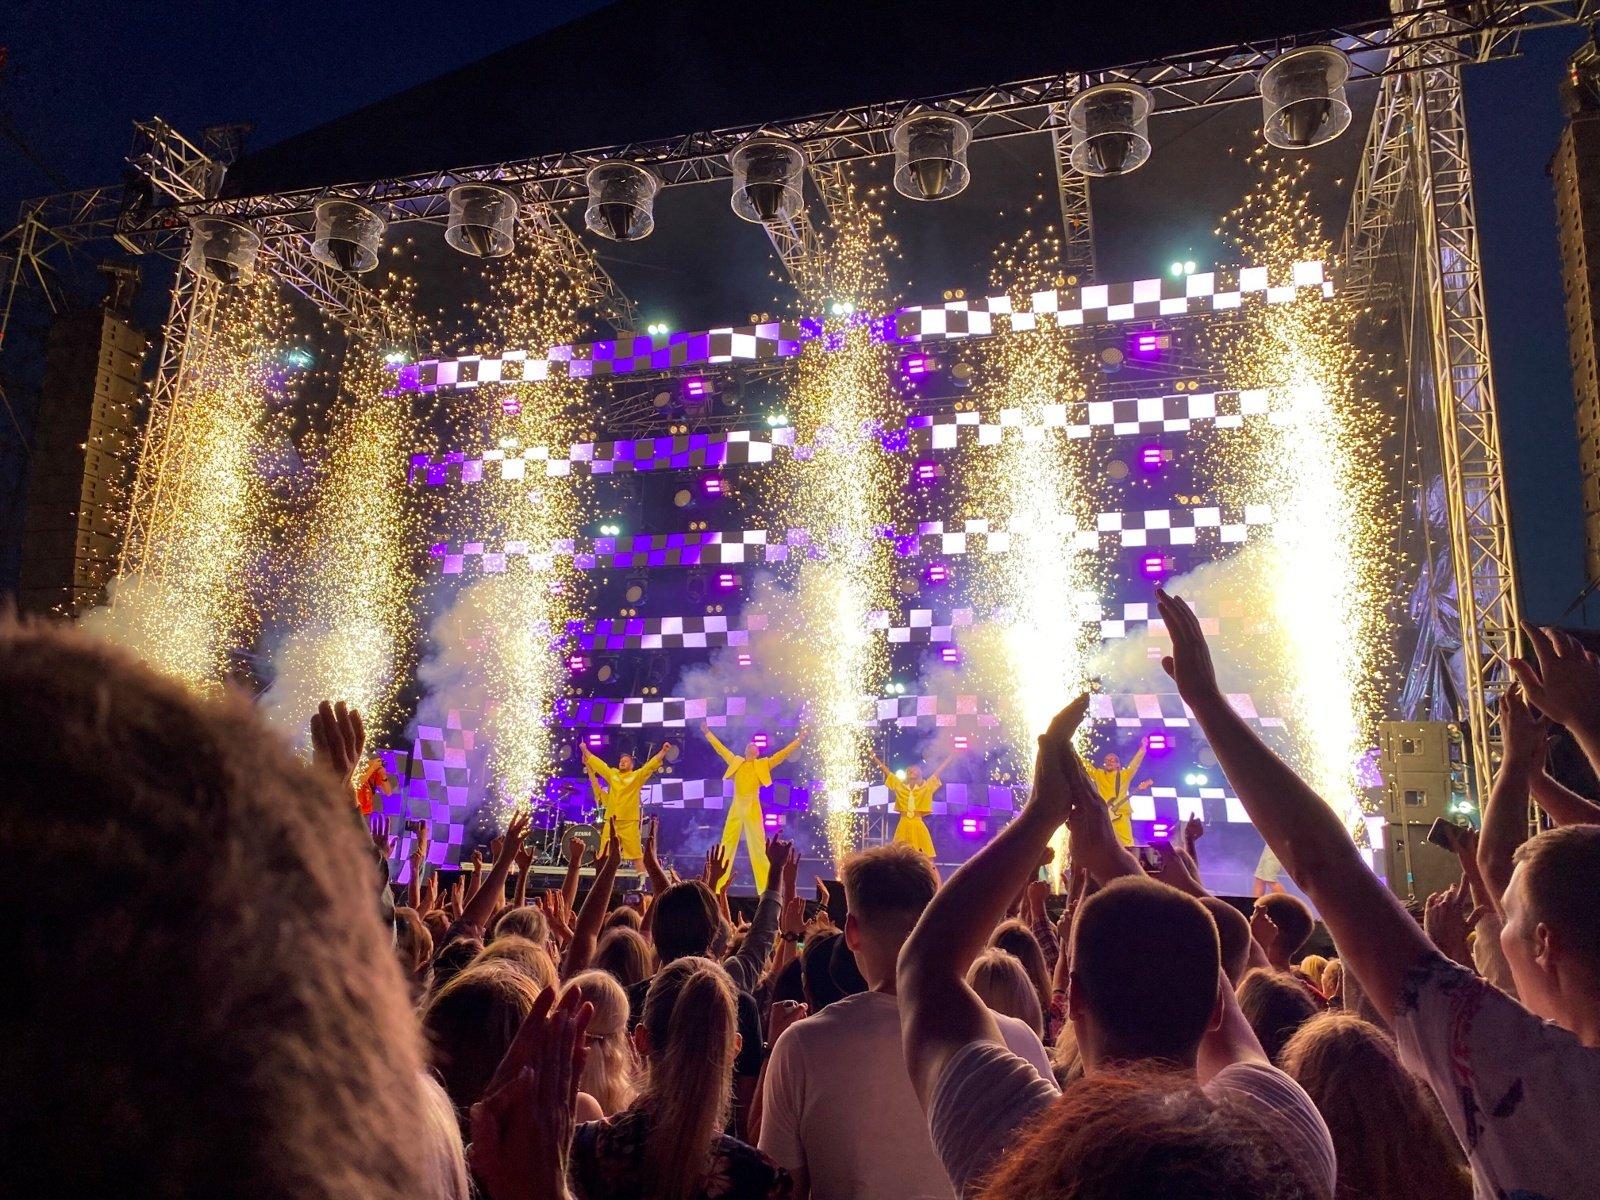 Didysis penktadienio koncertas sudrebino uostą, įspūdingi pasirodymai laukia ir šeštadienį